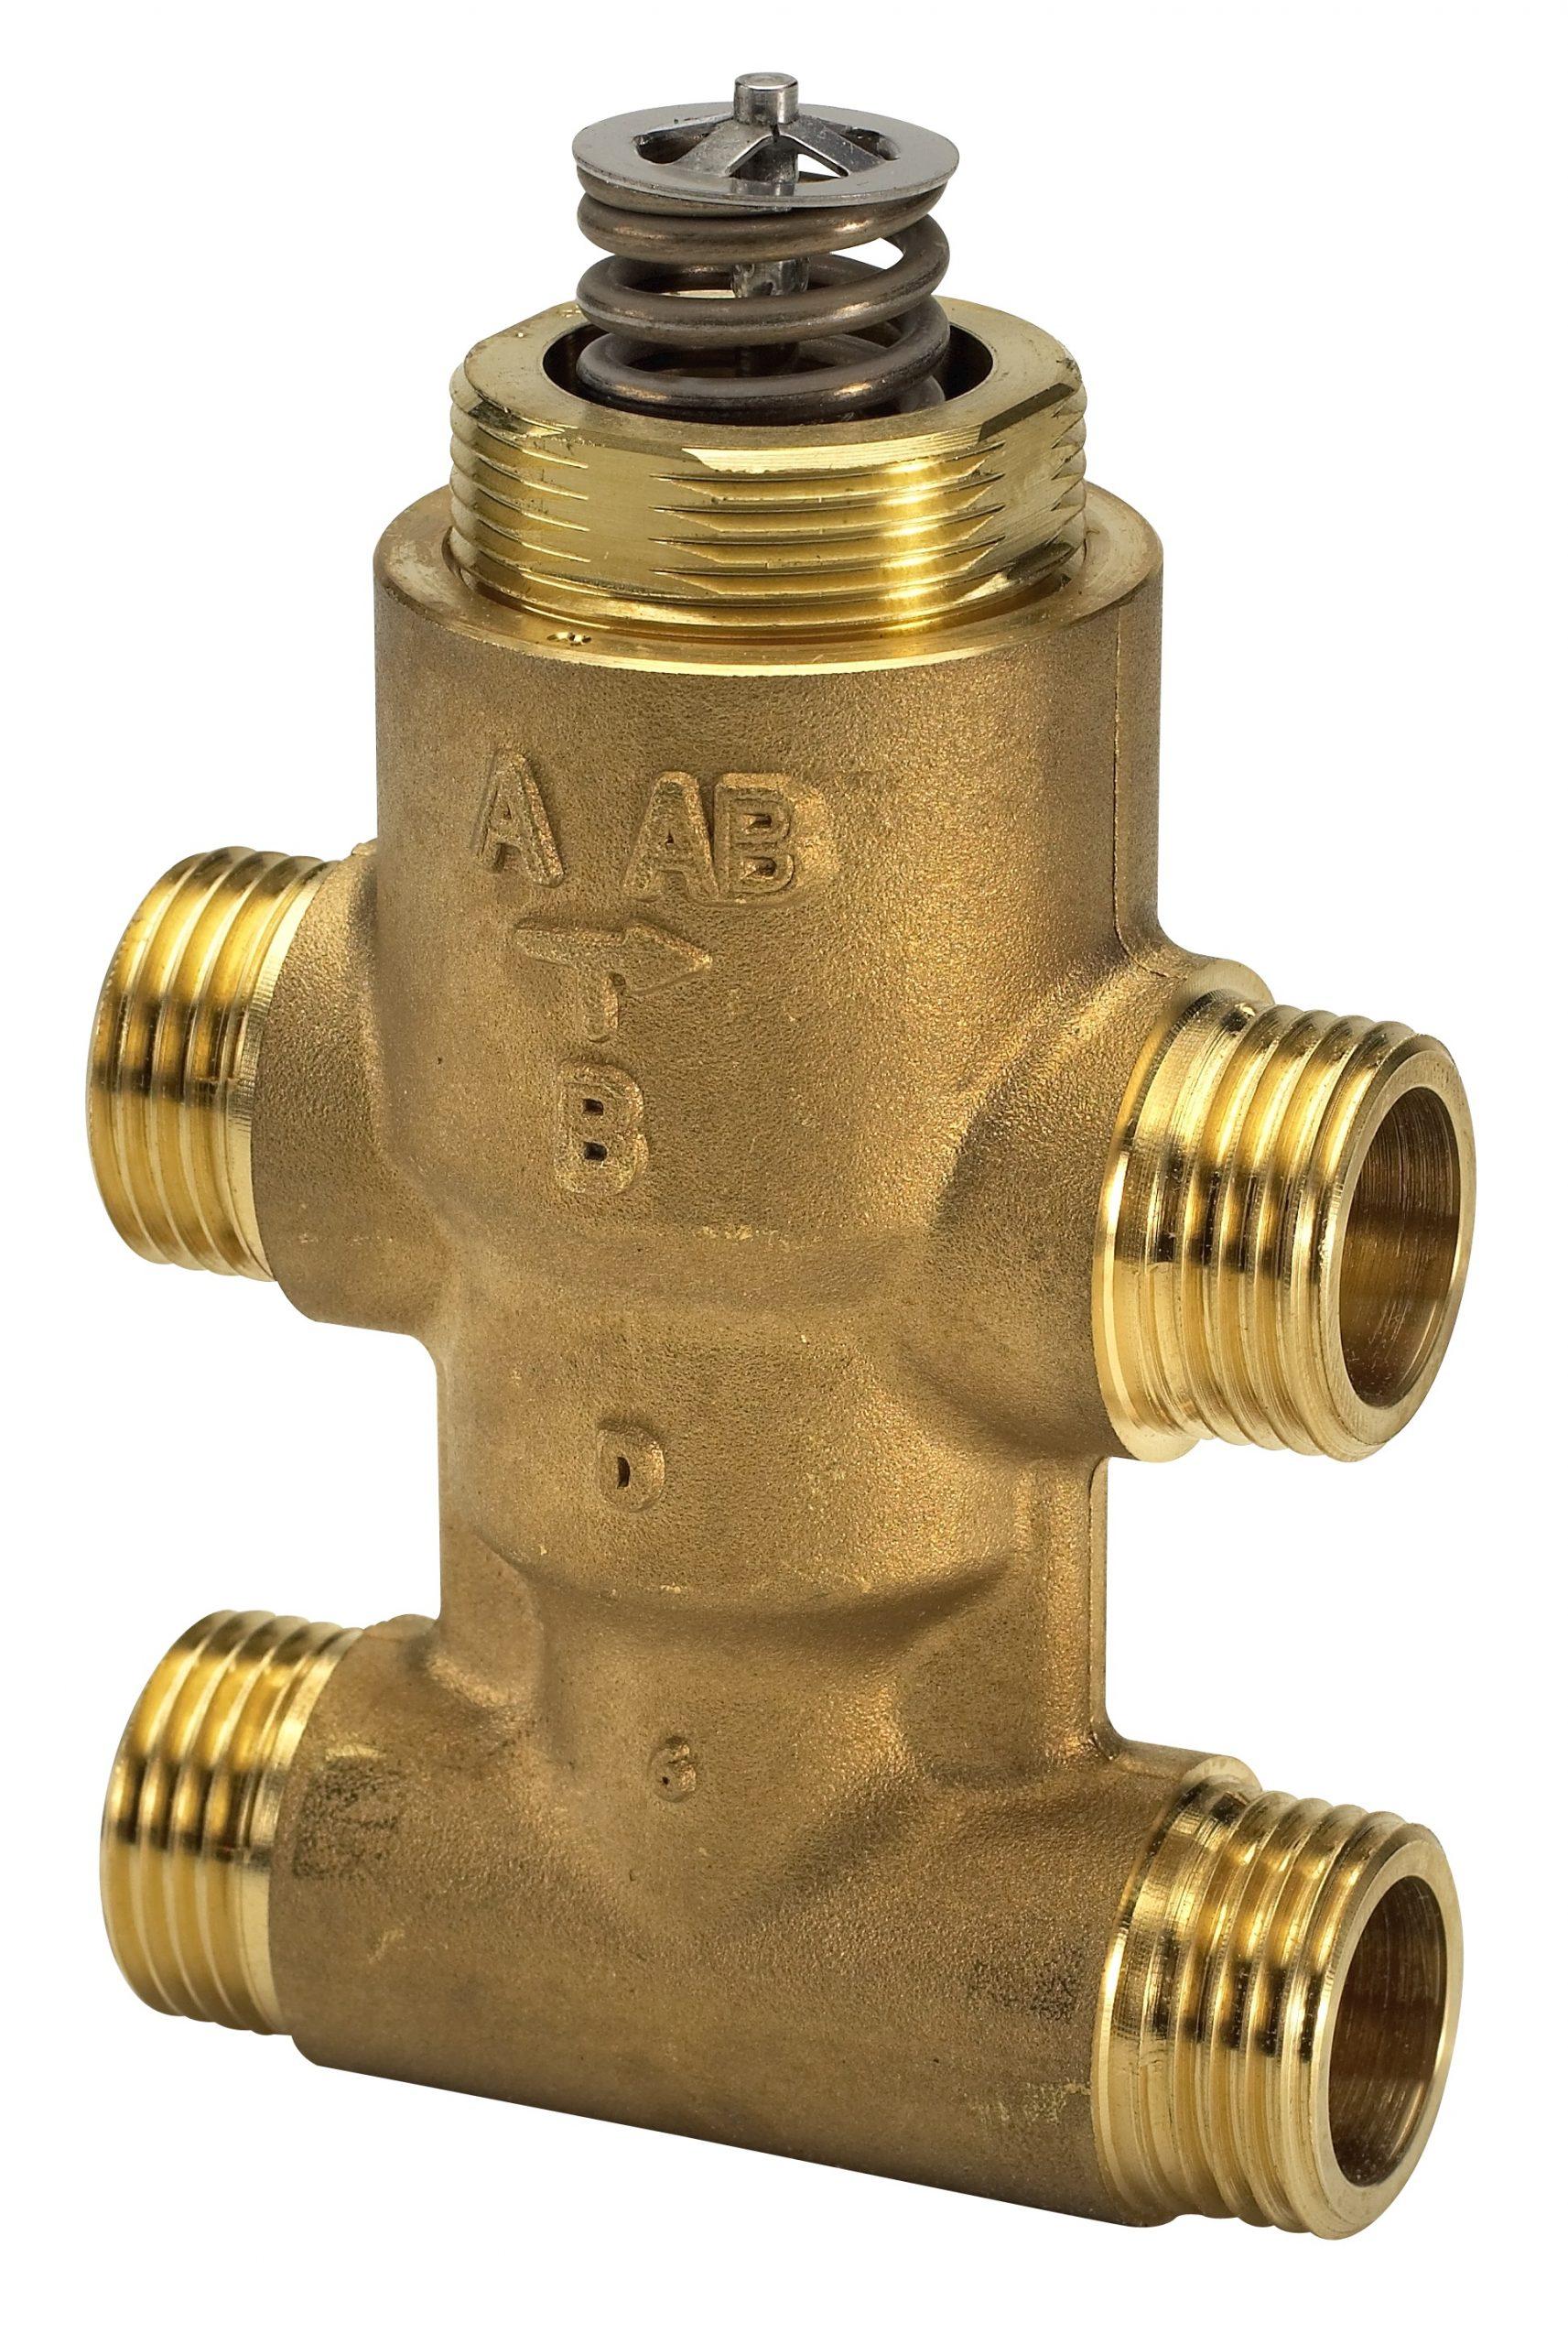 Клапан регулирующий седельный четырехходовой Danfoss VZ 4 c наружной резьбой ду 20 3/4″ 065Z5520